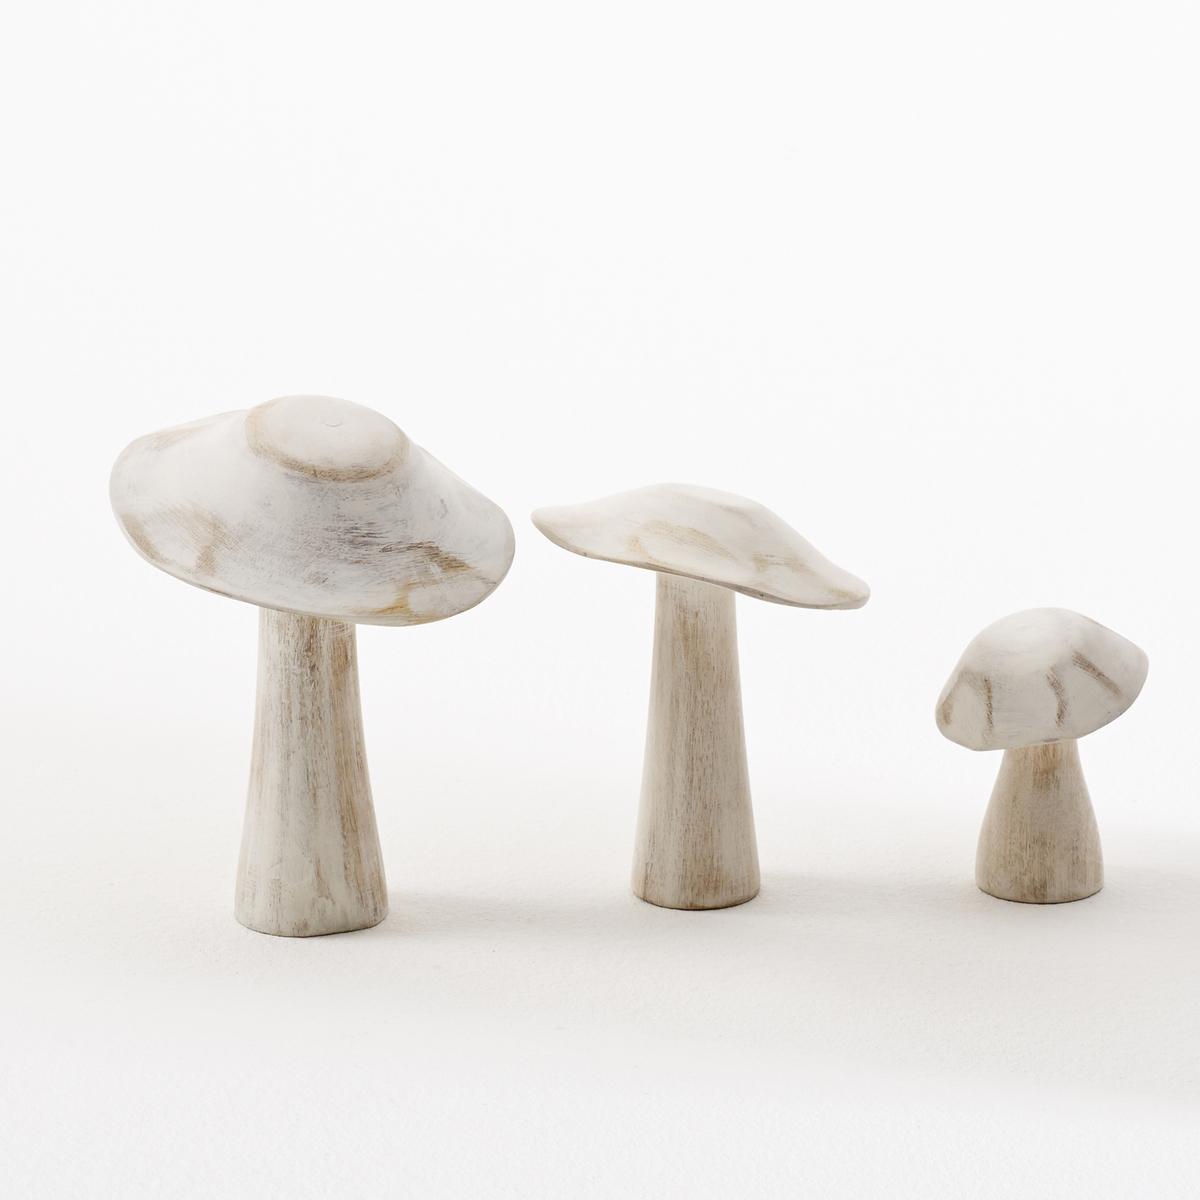 Комплект из 3 декоративных грибов, Fungi.Описание декоративного гриба Fungi:3 размераХарактеристики декоративного гриба Fungi:Из обесцвеченного мангового дереваОткройте для себя всю коллекцию предметов декора на сайте laredoute.ruРазмеры декоративного гриба Fungi:Размер 1 : 11,5 x 11,5 x 15 смРазмер 2 : 10 x 10 x 13 смРазмер 3 : 6 x 6 x 8 см<br><br>Цвет: беленое дерево